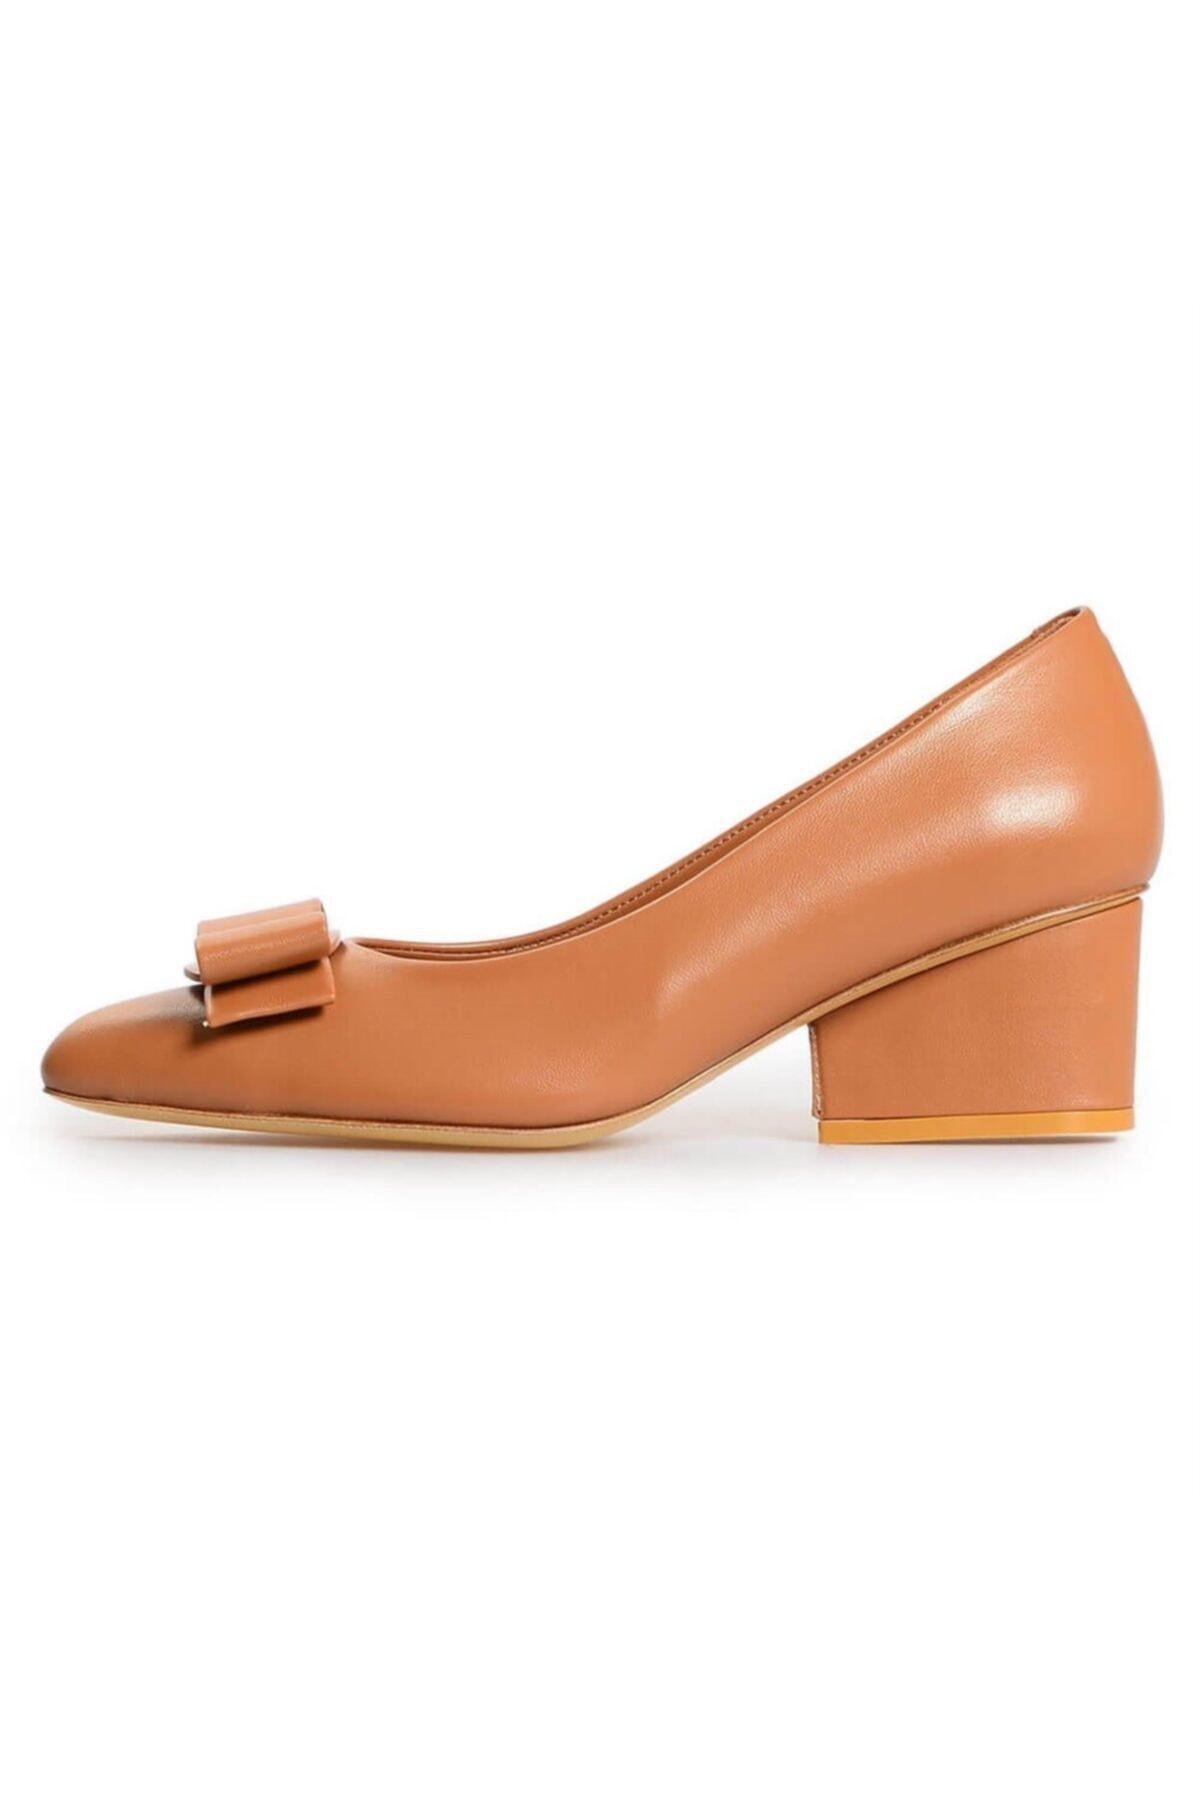 Flower Taba Deri Fiyonk Detaylı Topuklu Ayakkabı 1